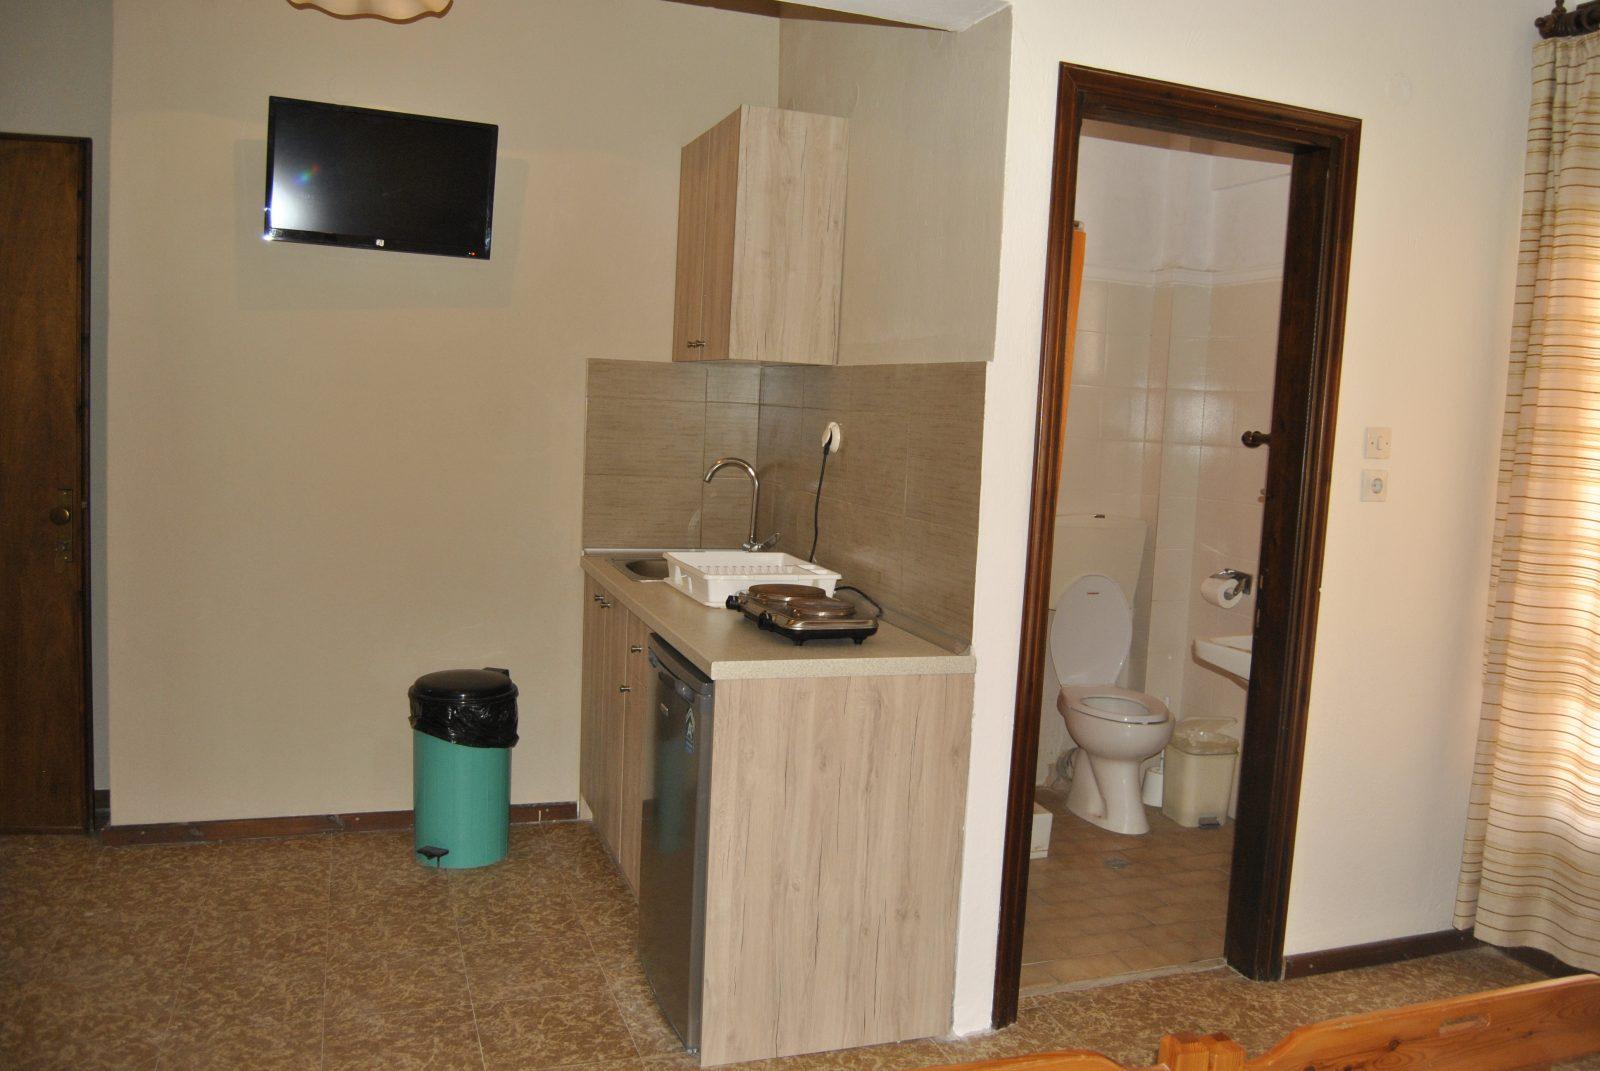 Grcka apartmani letovanje, Nea Flogita Halkidiki, Pirgioti, izgled kuhinje